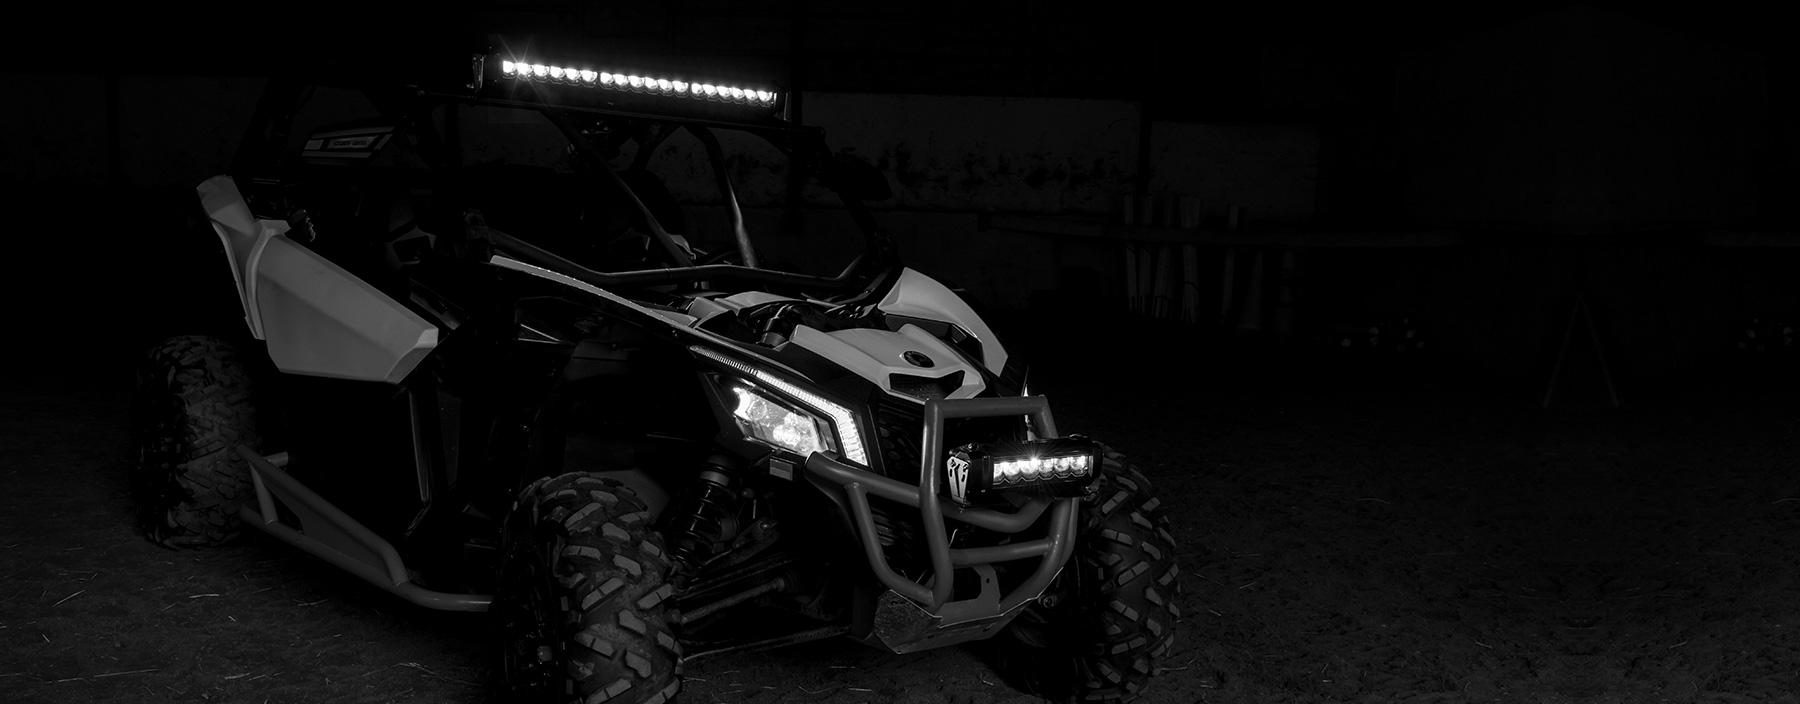 VTT led light bar ATV best lighting offroad side by side